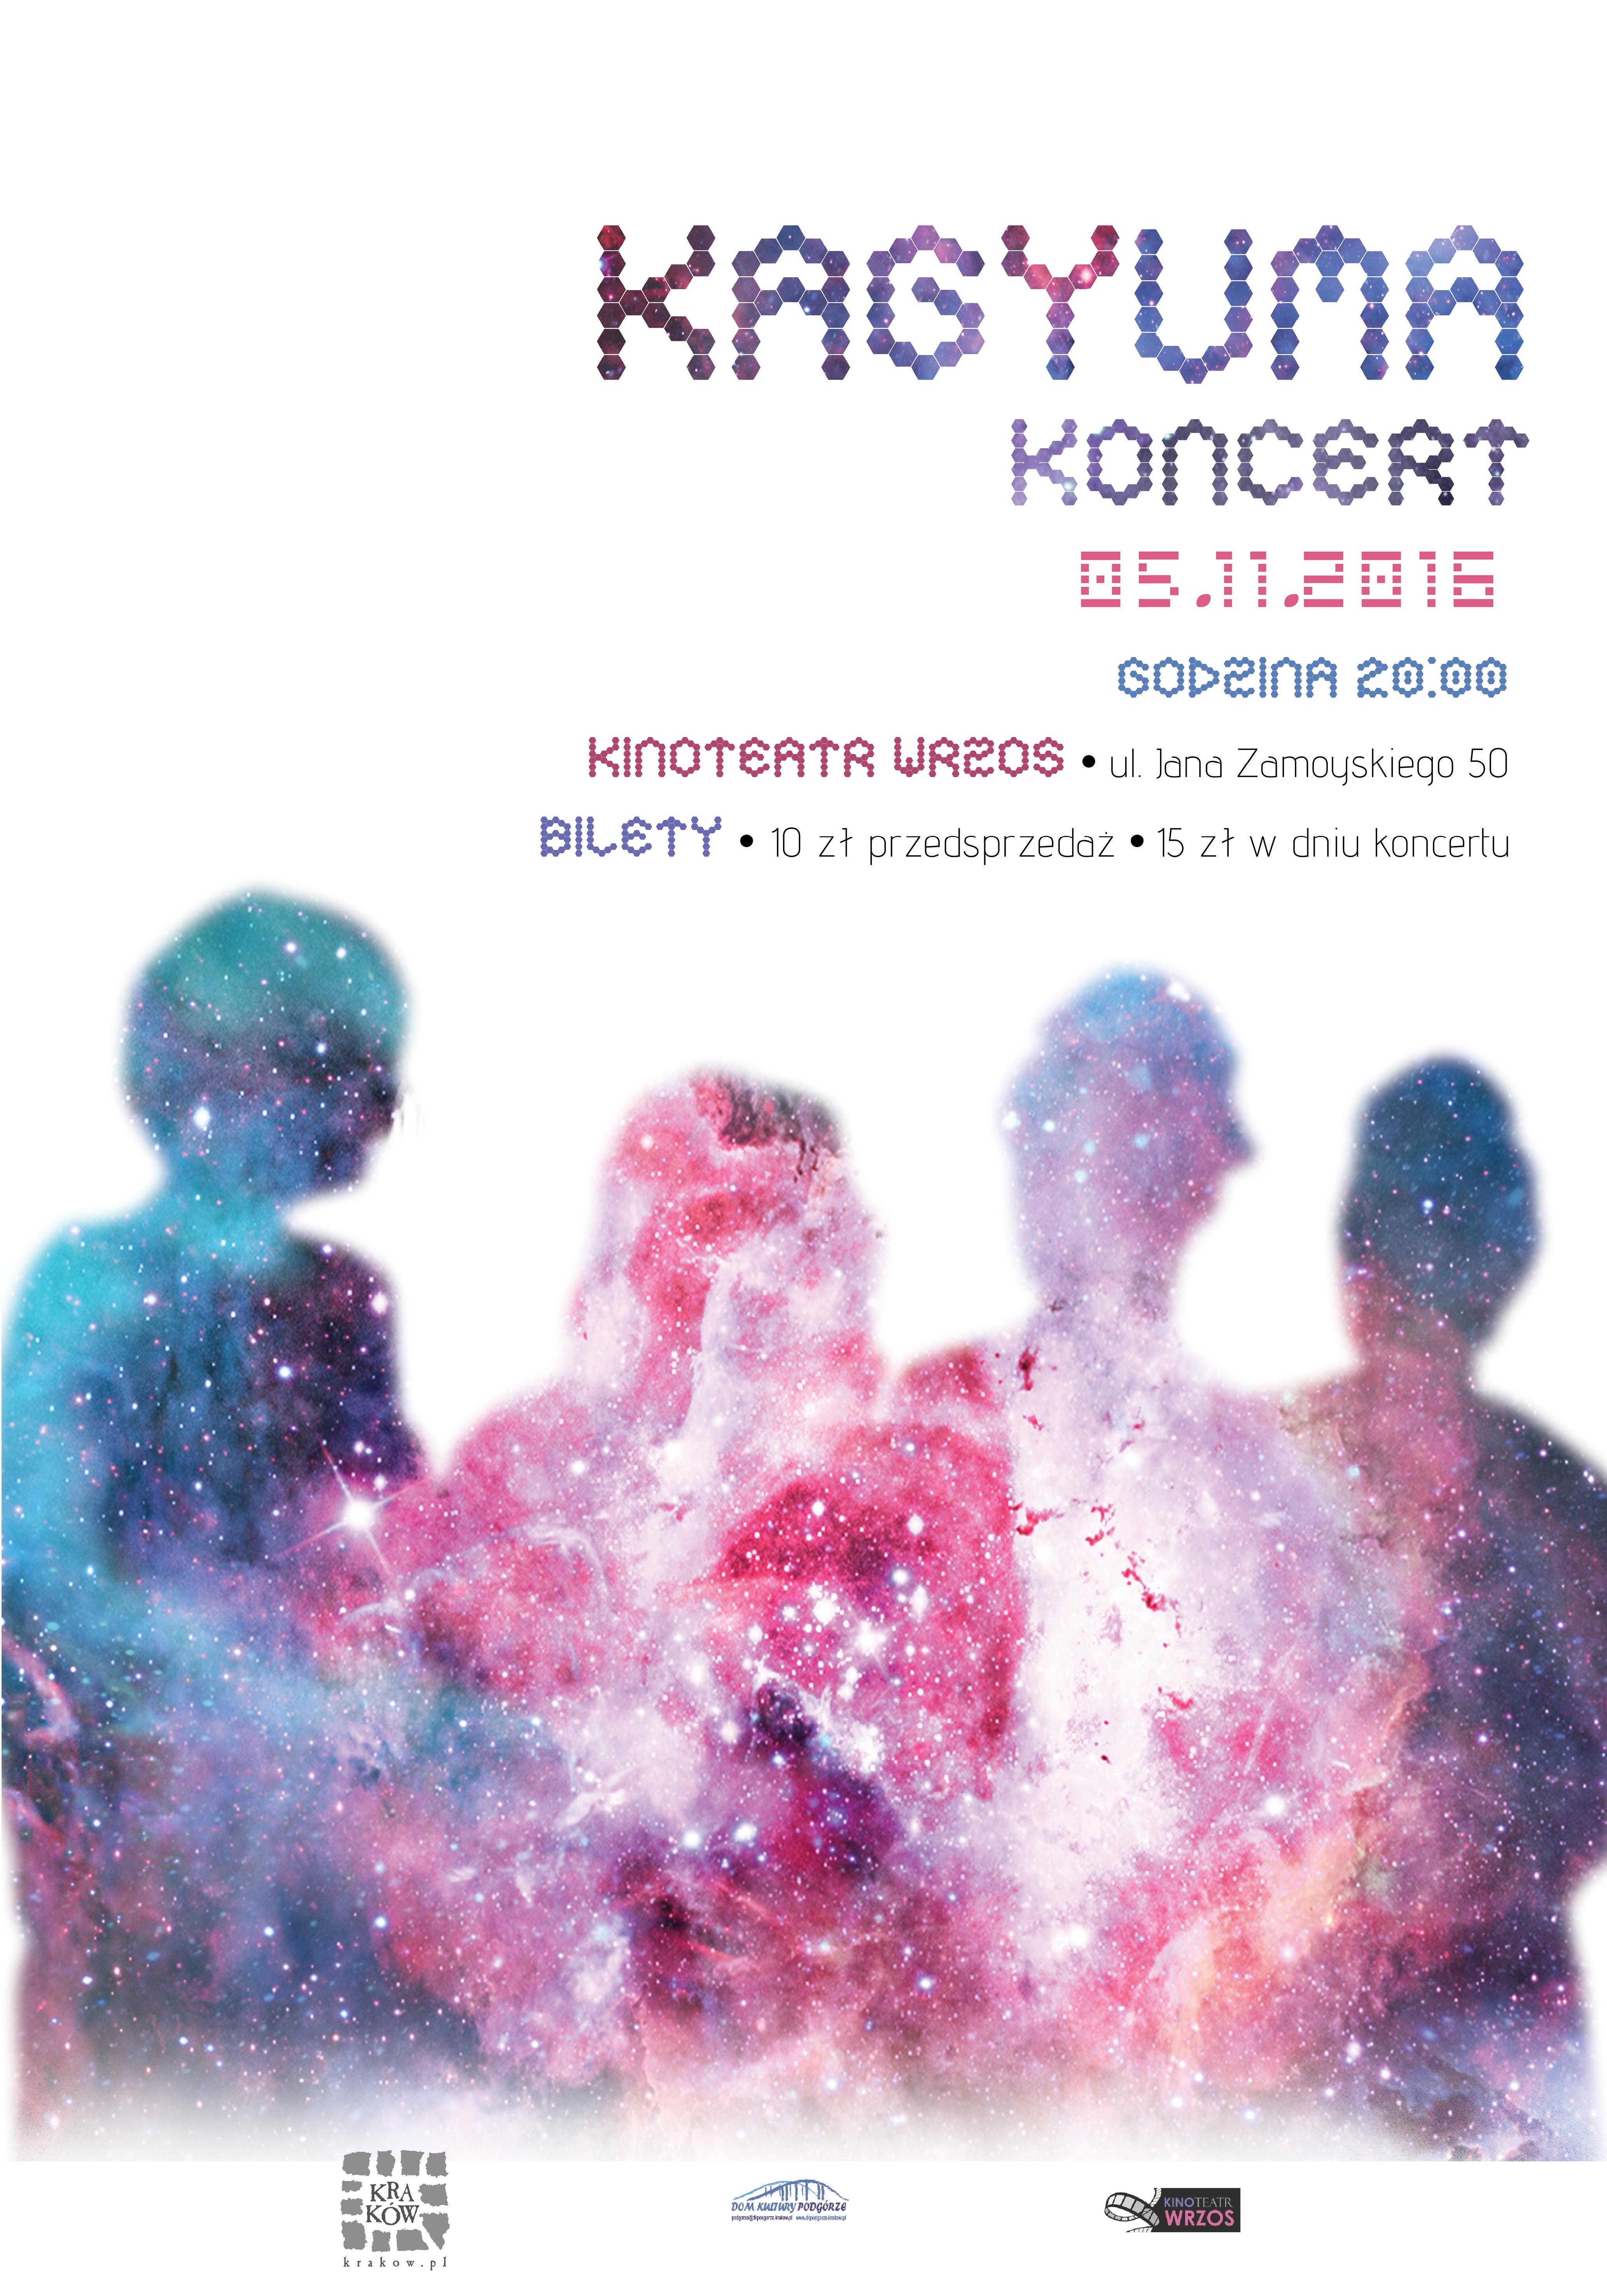 KAGYUMA concert poster design.